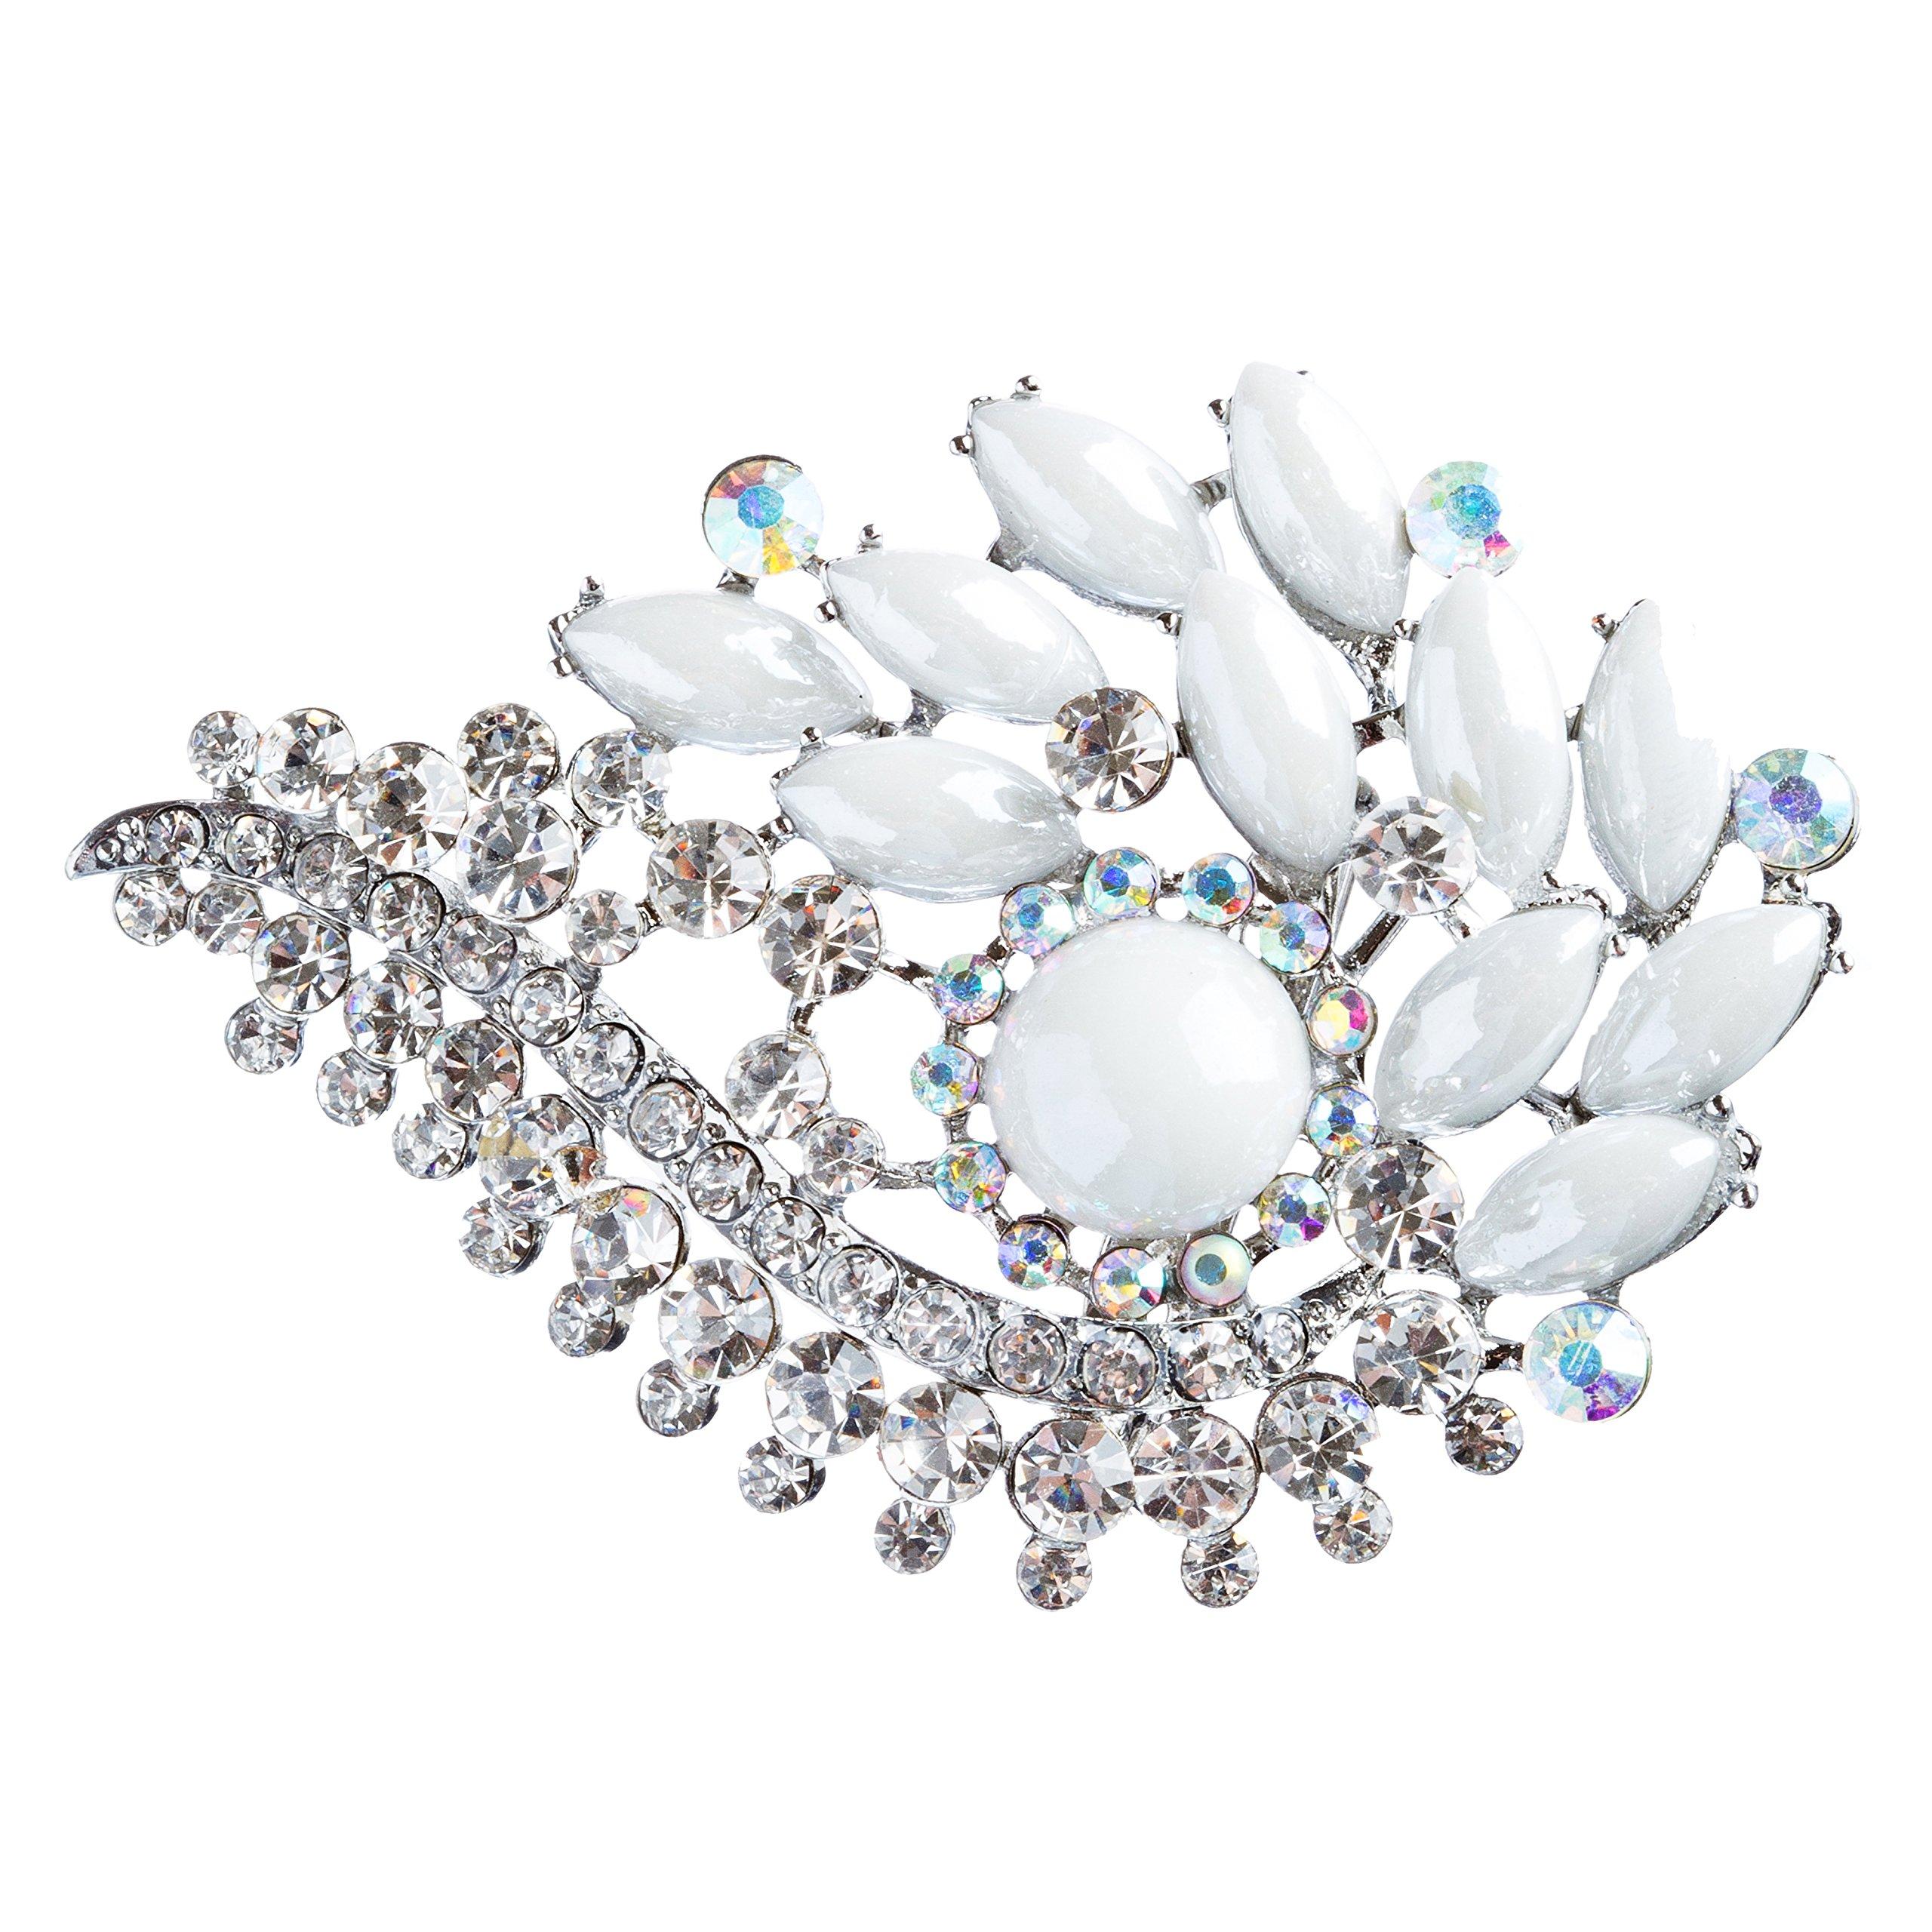 ACCESSORIESFOREVER Women Bridal Wedding Jewelry Crystal Rhinestone Classy Brooch Pin BH178 Silver